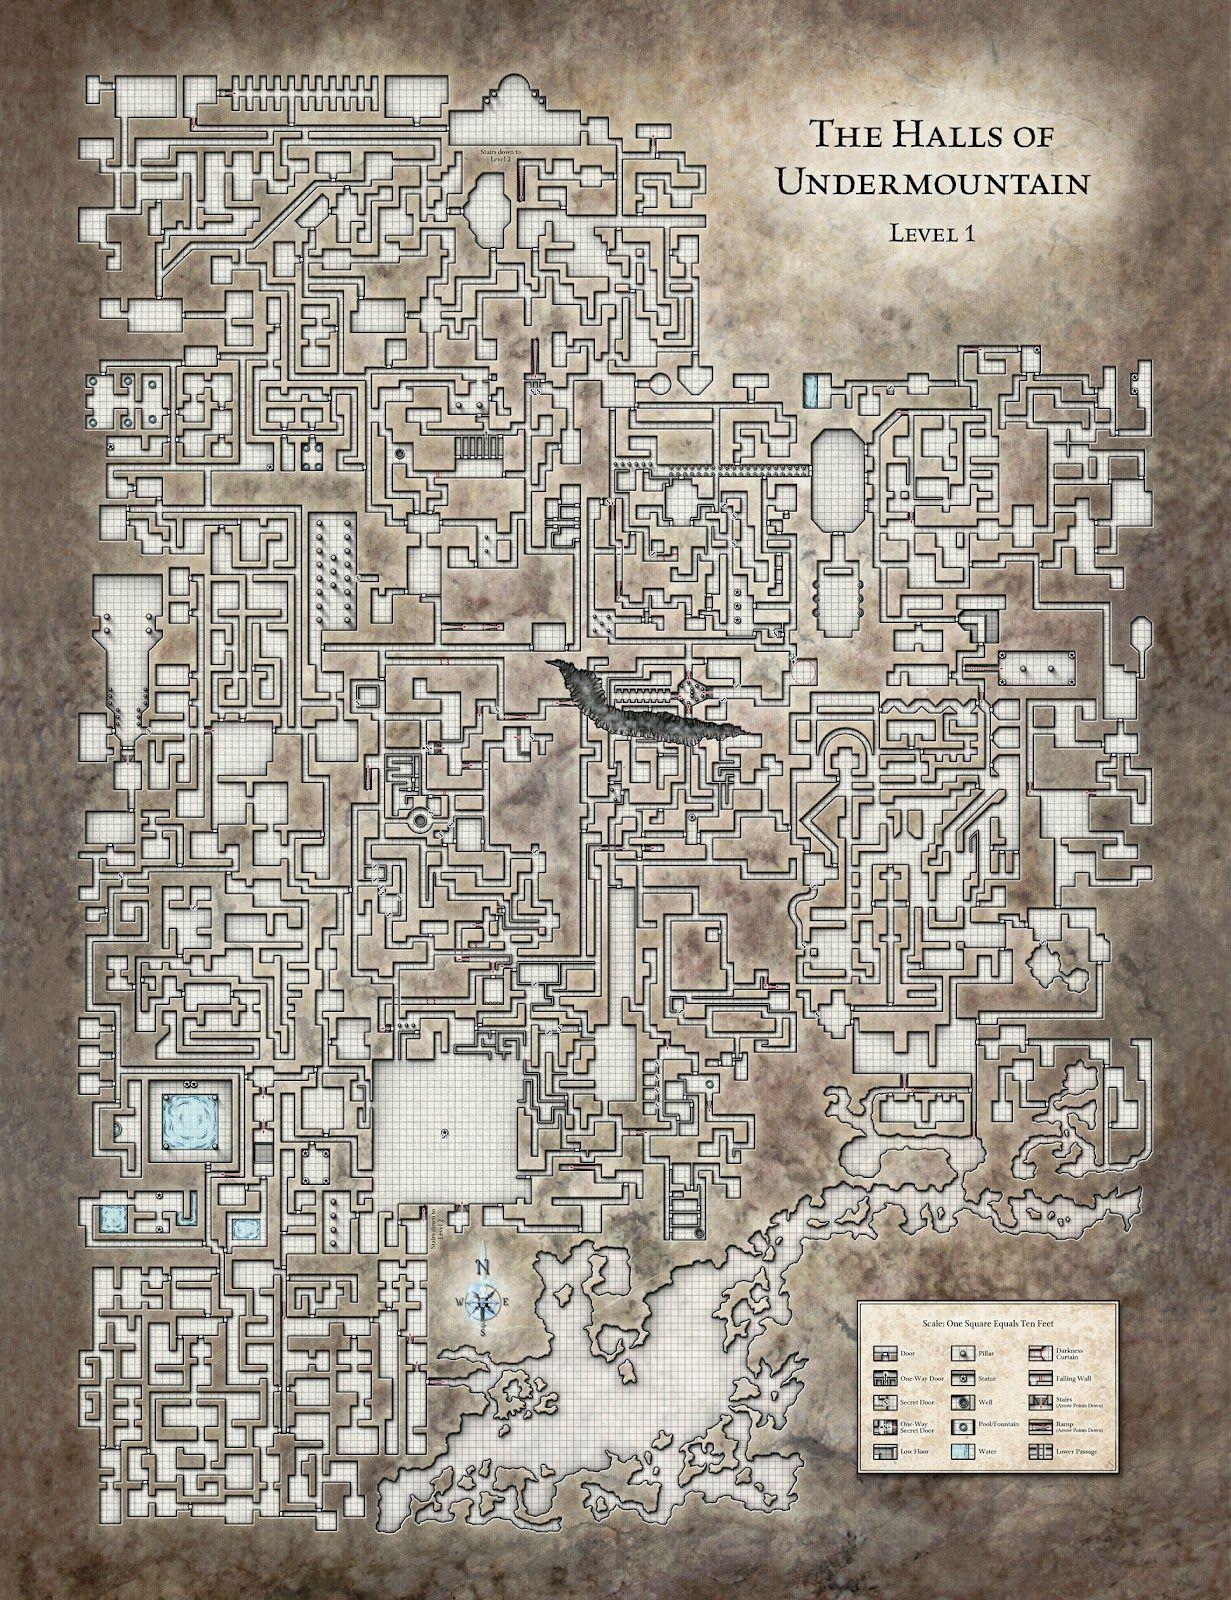 Underdark Map : underdark, Underdark, Recherche, Google, Dungeon, Maps,, Fantasy, Tabletop